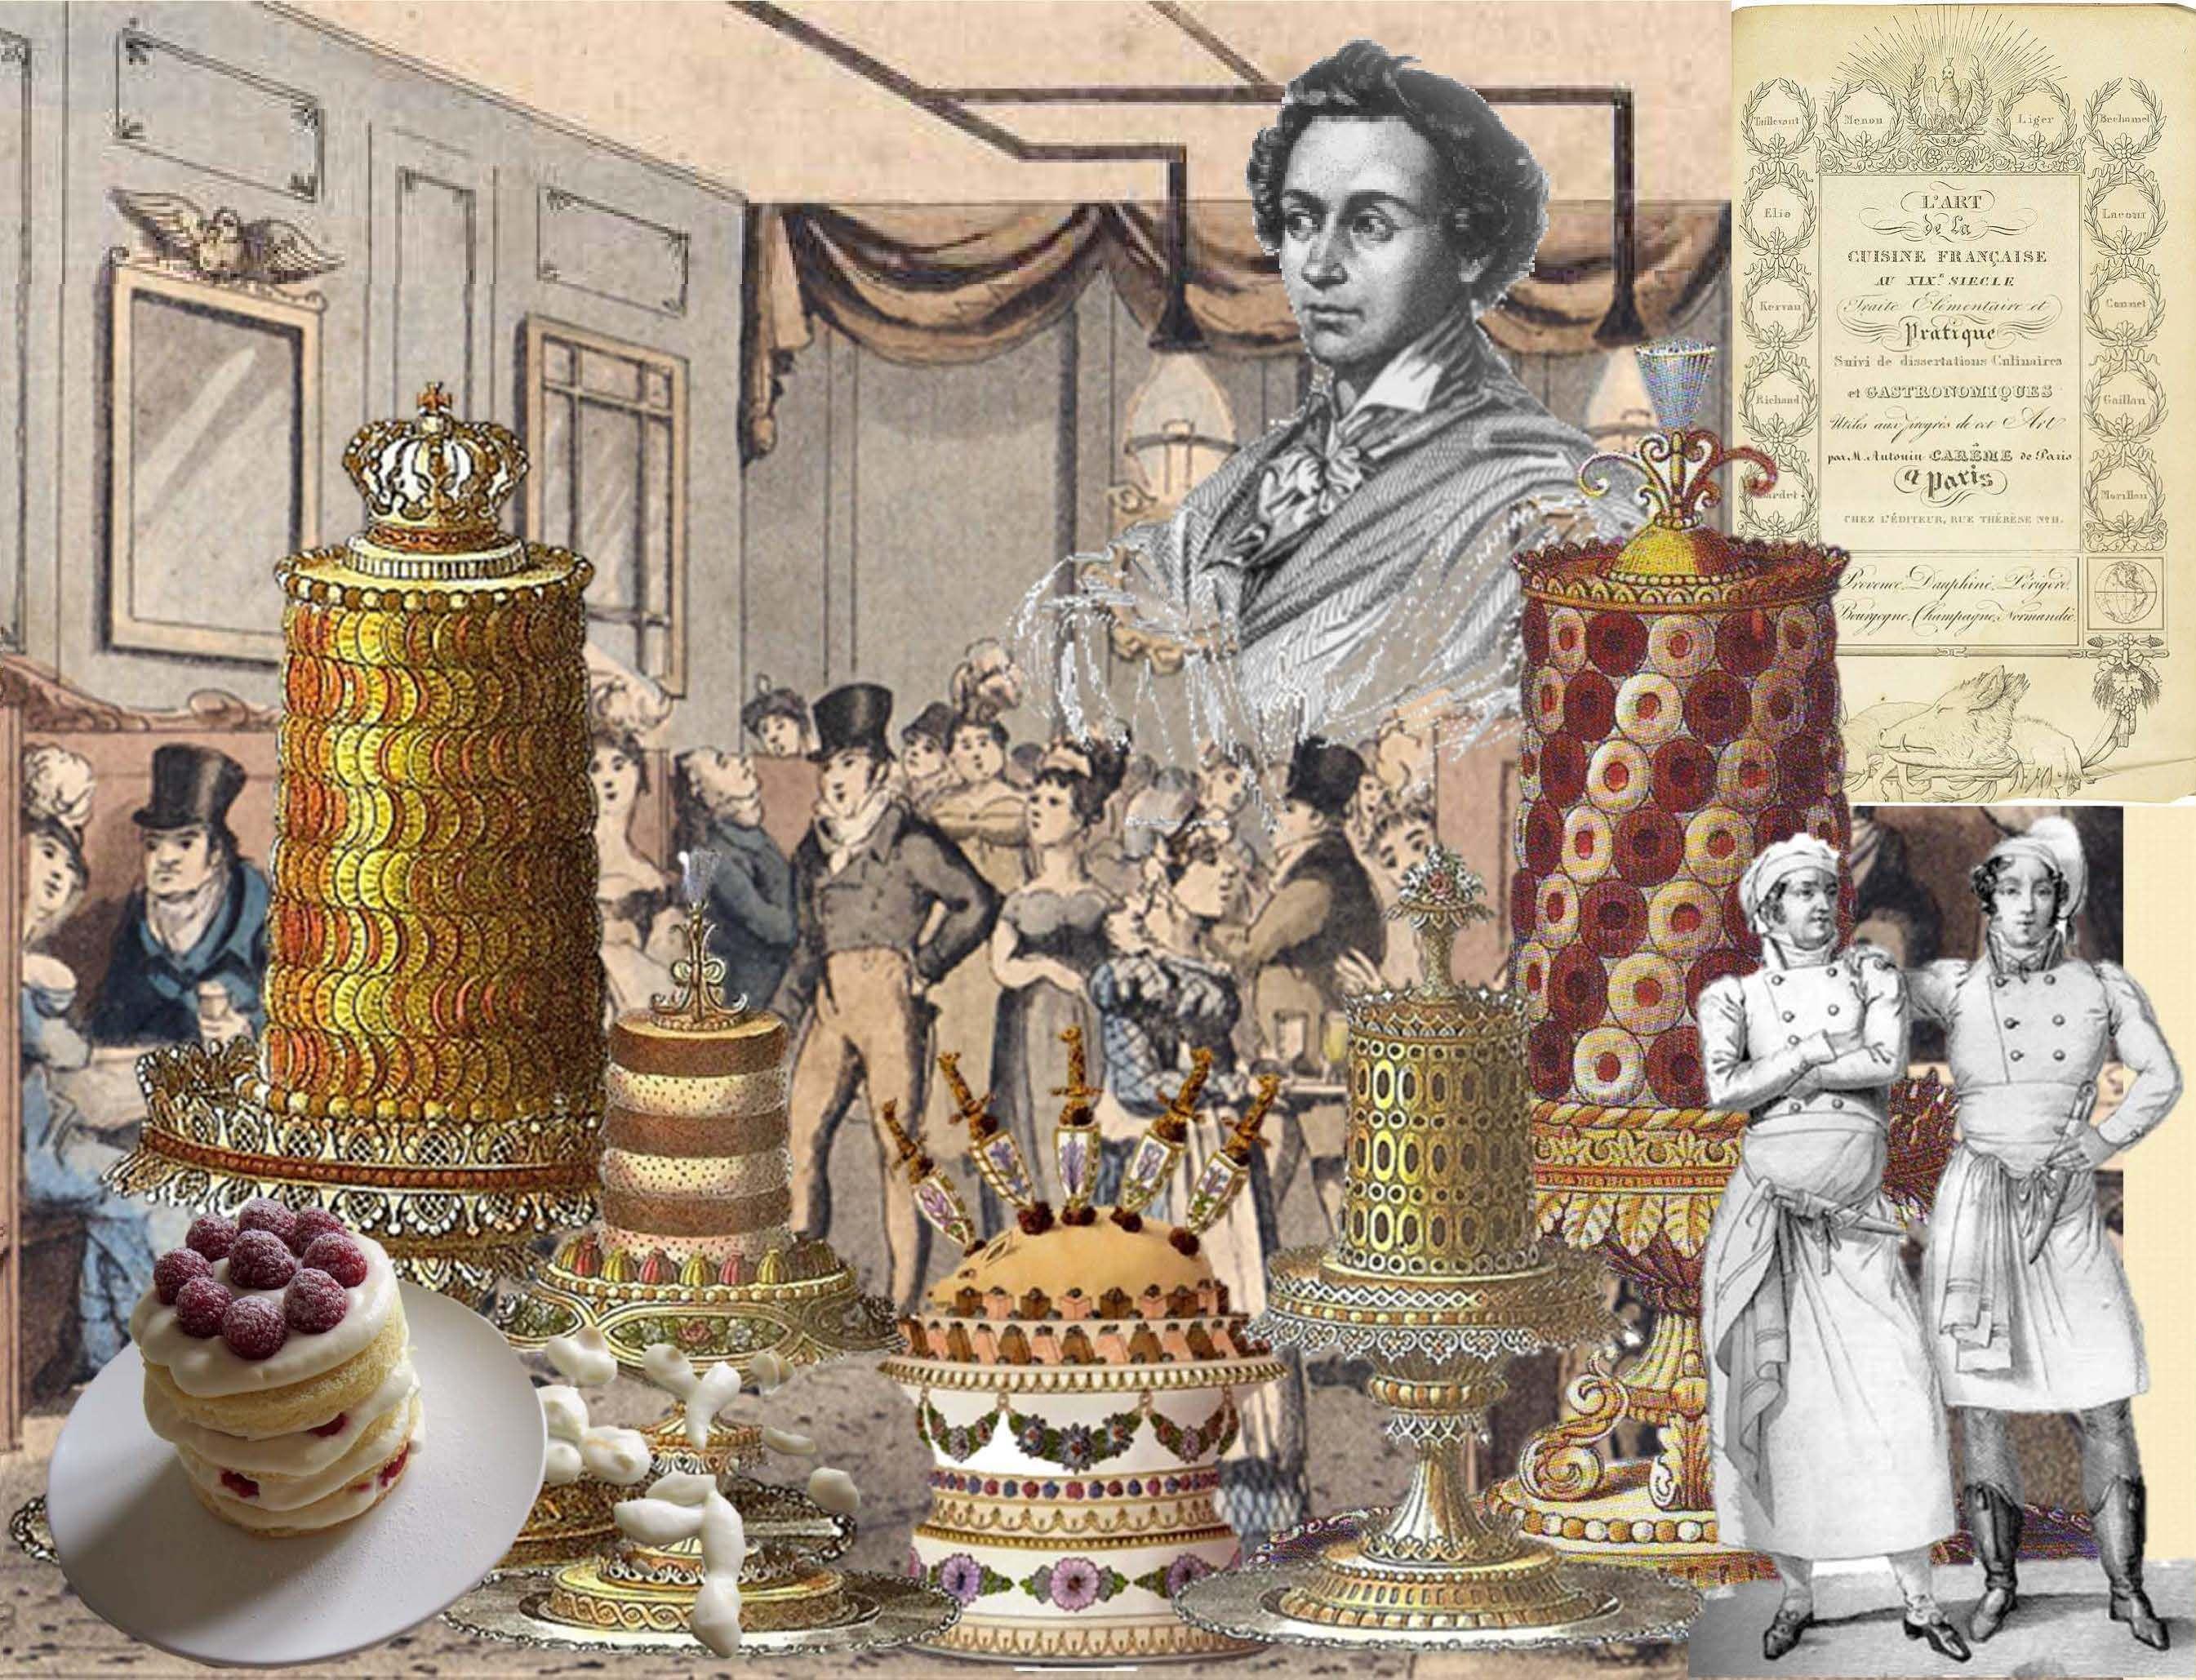 Architettura in Pasticceria: Antonin Carême, il Palladio dell'haute-cuisine